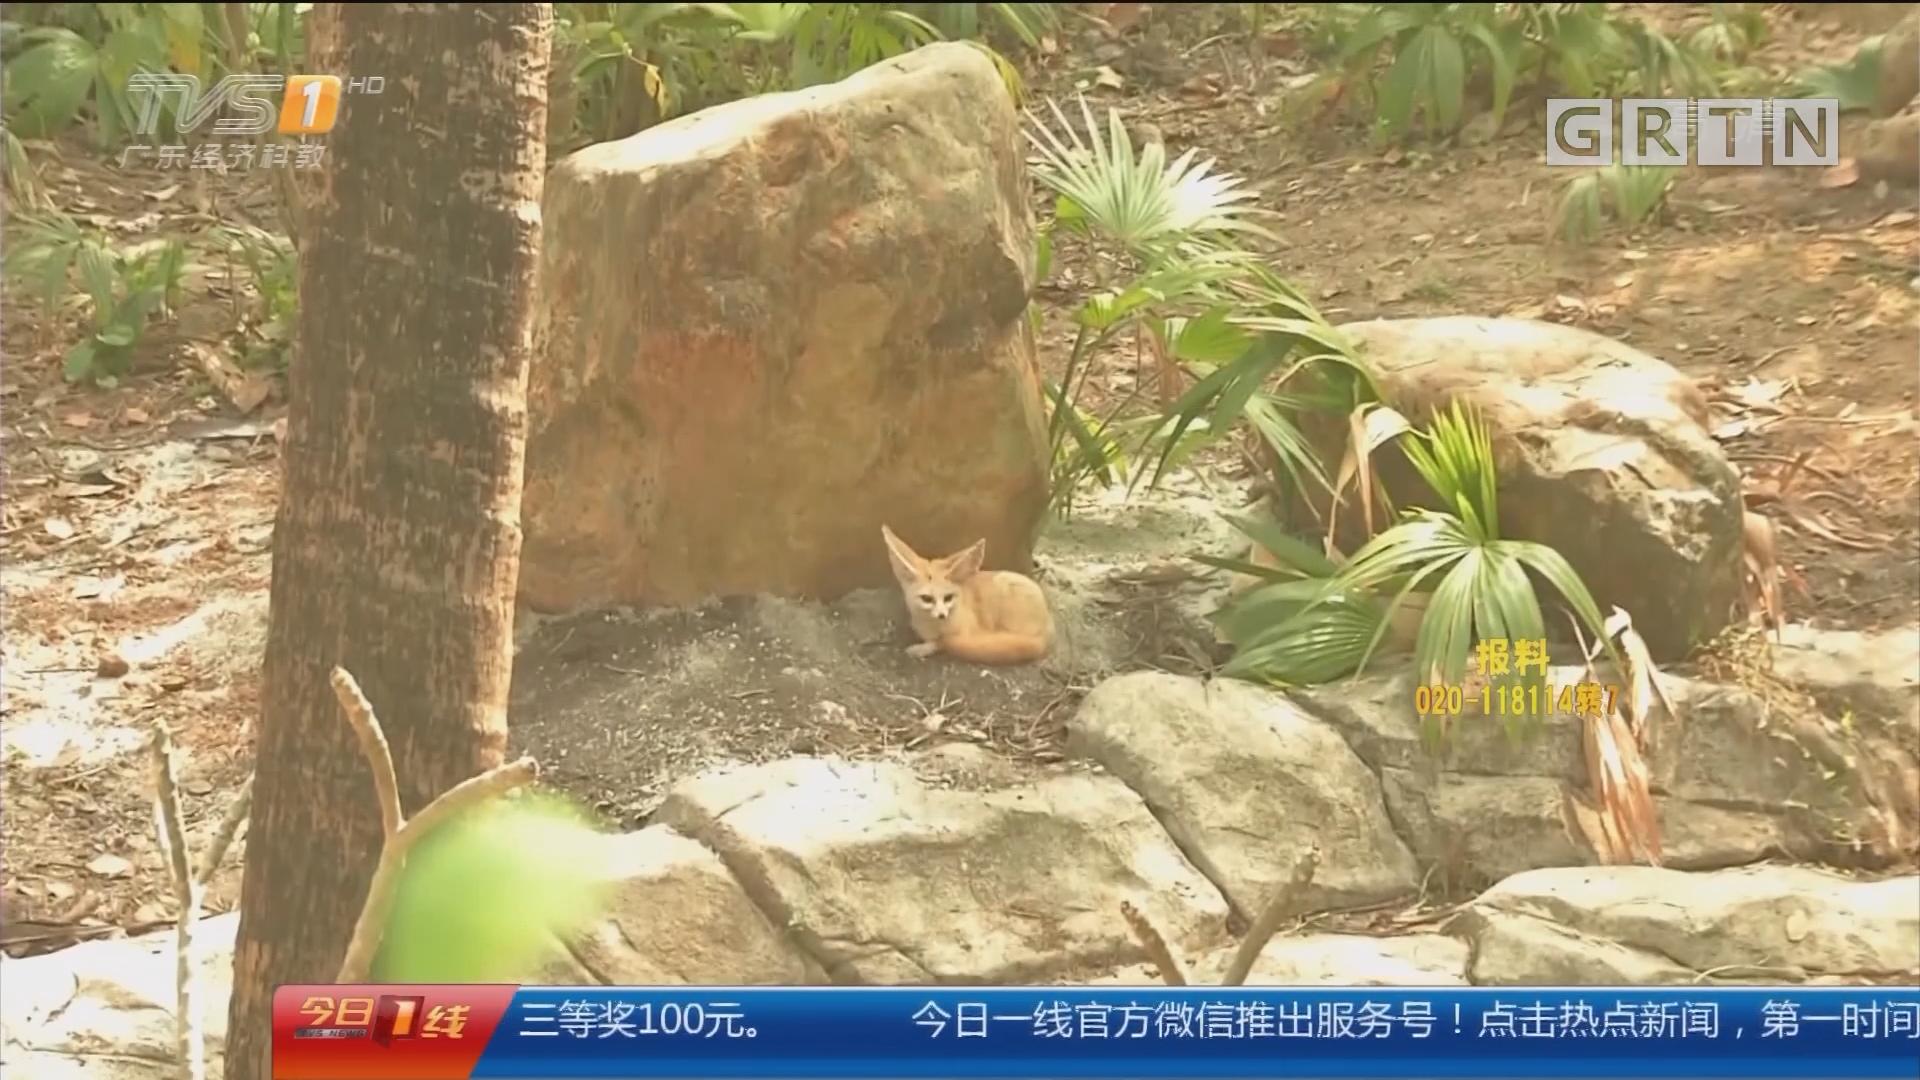 广州动物园 耳廓狐:大耳朵 吃水果 爱挖地洞